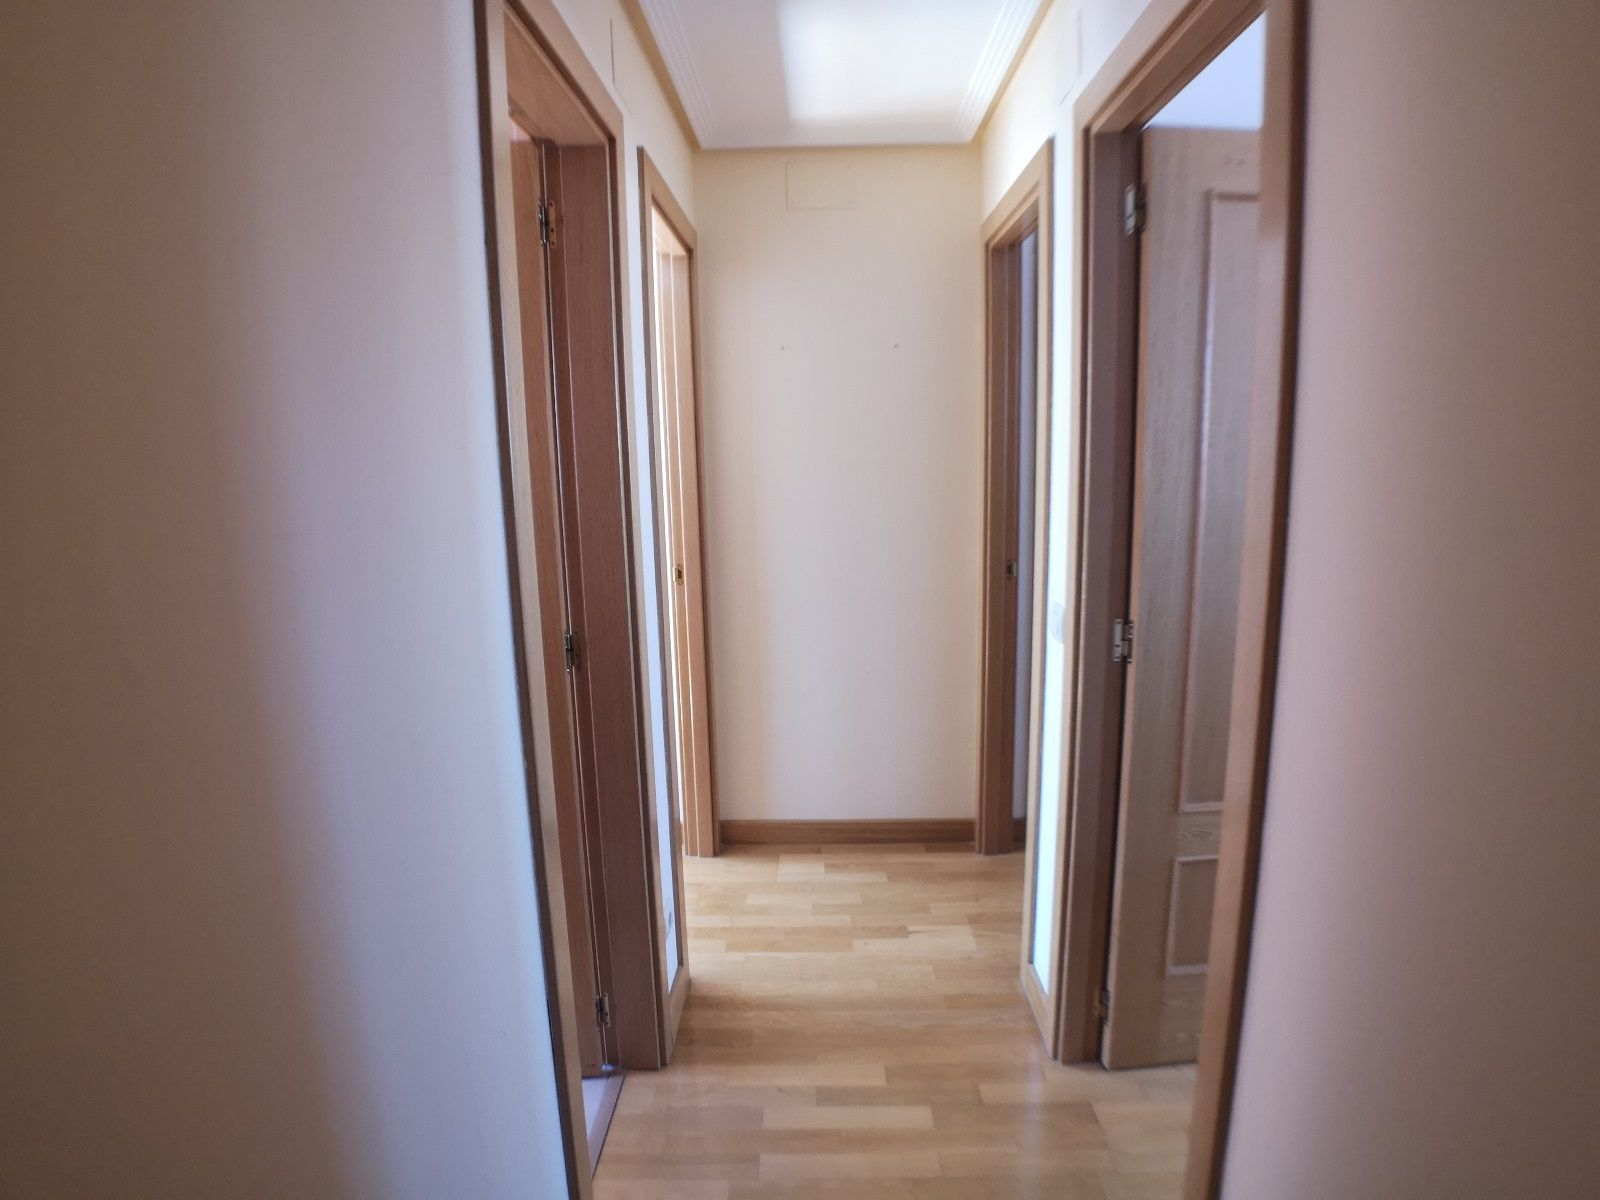 dia.mobiliagestion.es/Portals/inmoatrio/Images/5998/4898273